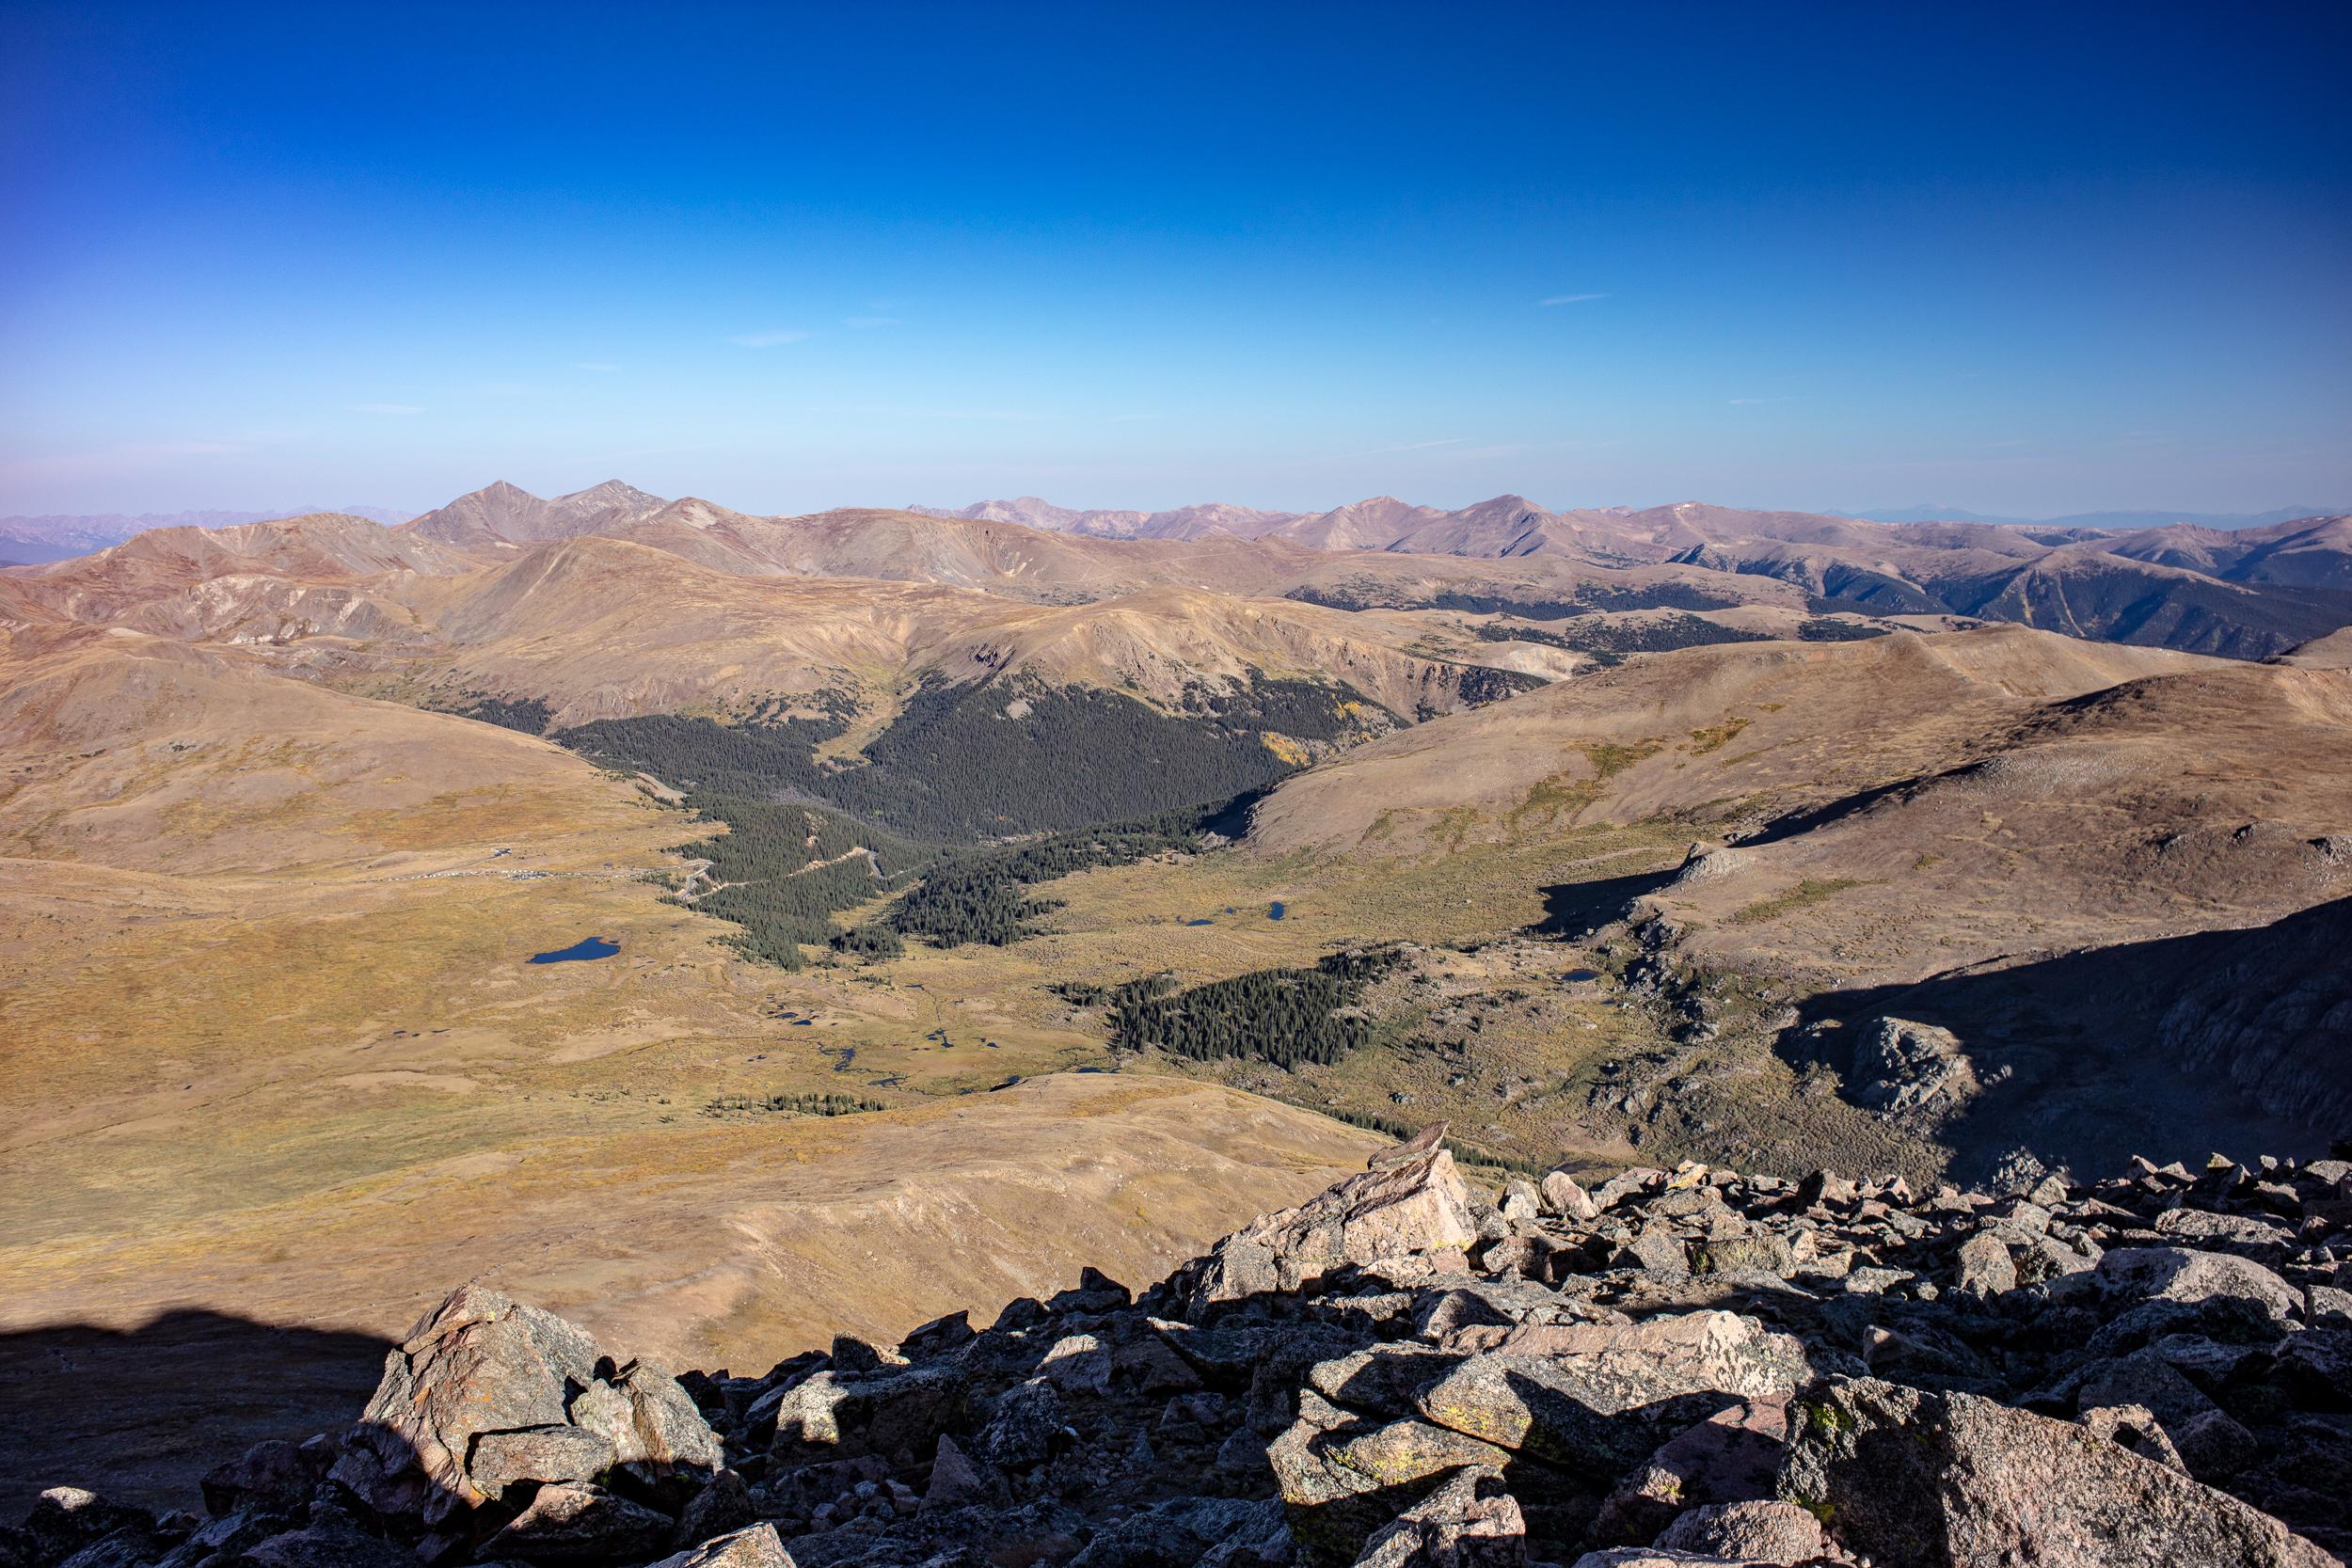 2018-09-08 Mt Bierstadt-0612.jpg